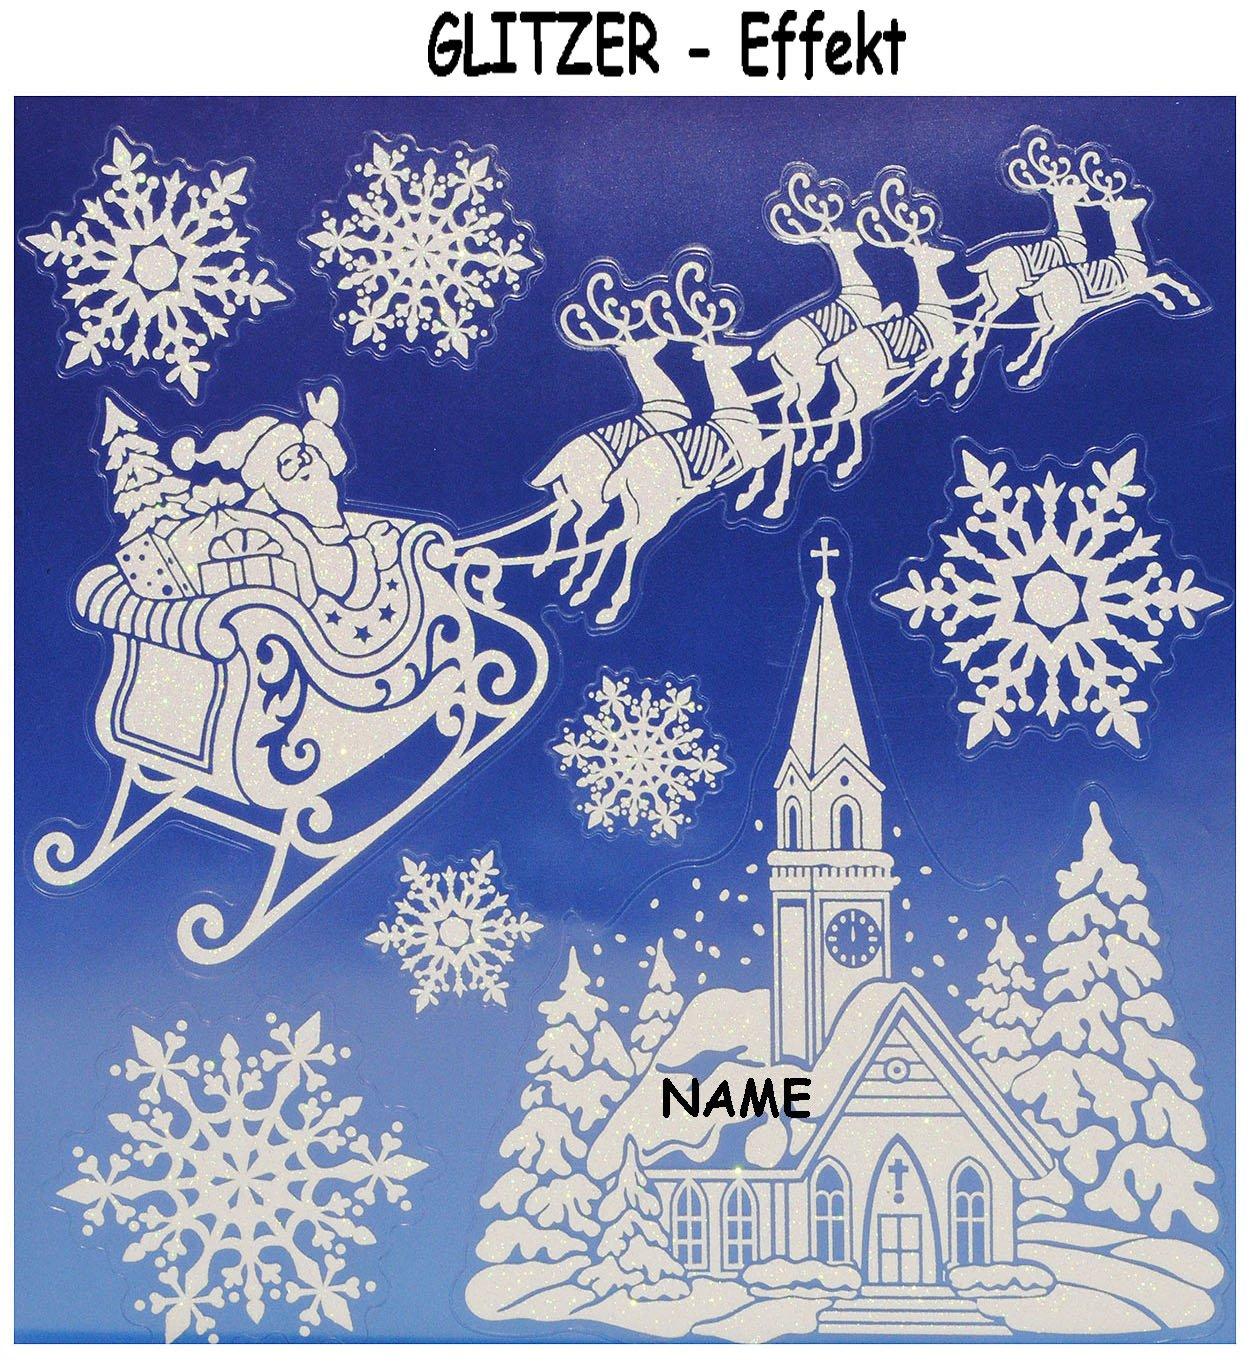 """3 versch. Bögen: Fensterbilder – """" GLITTER / GLITZER – Weihnachten & Winterzeit """" – incl. Name – statisch haftend – Schneekristall / Schnee / Flocken – selbstklebend + wiederverwendbar / Sticker Fenstersticker – groß – Aufkleber – blau / weiß – Fensterbild – z.B. für Fenster und Spiegel – Fensterdeko Fensterfolie Kinderzimmer Deko bestellen"""